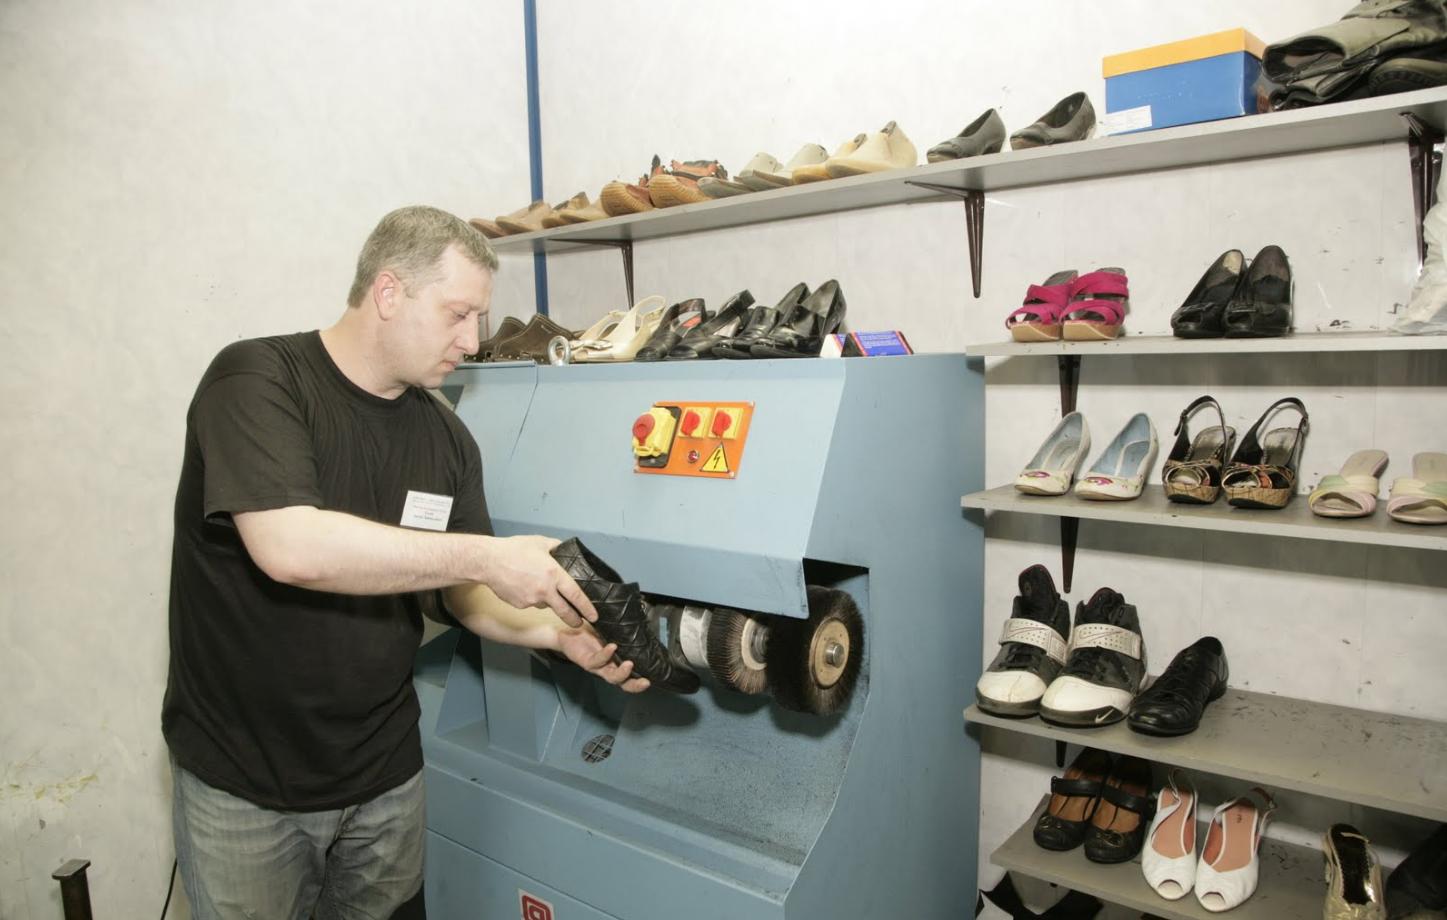 бизнес с небольшими деньгами на ремонте обуви